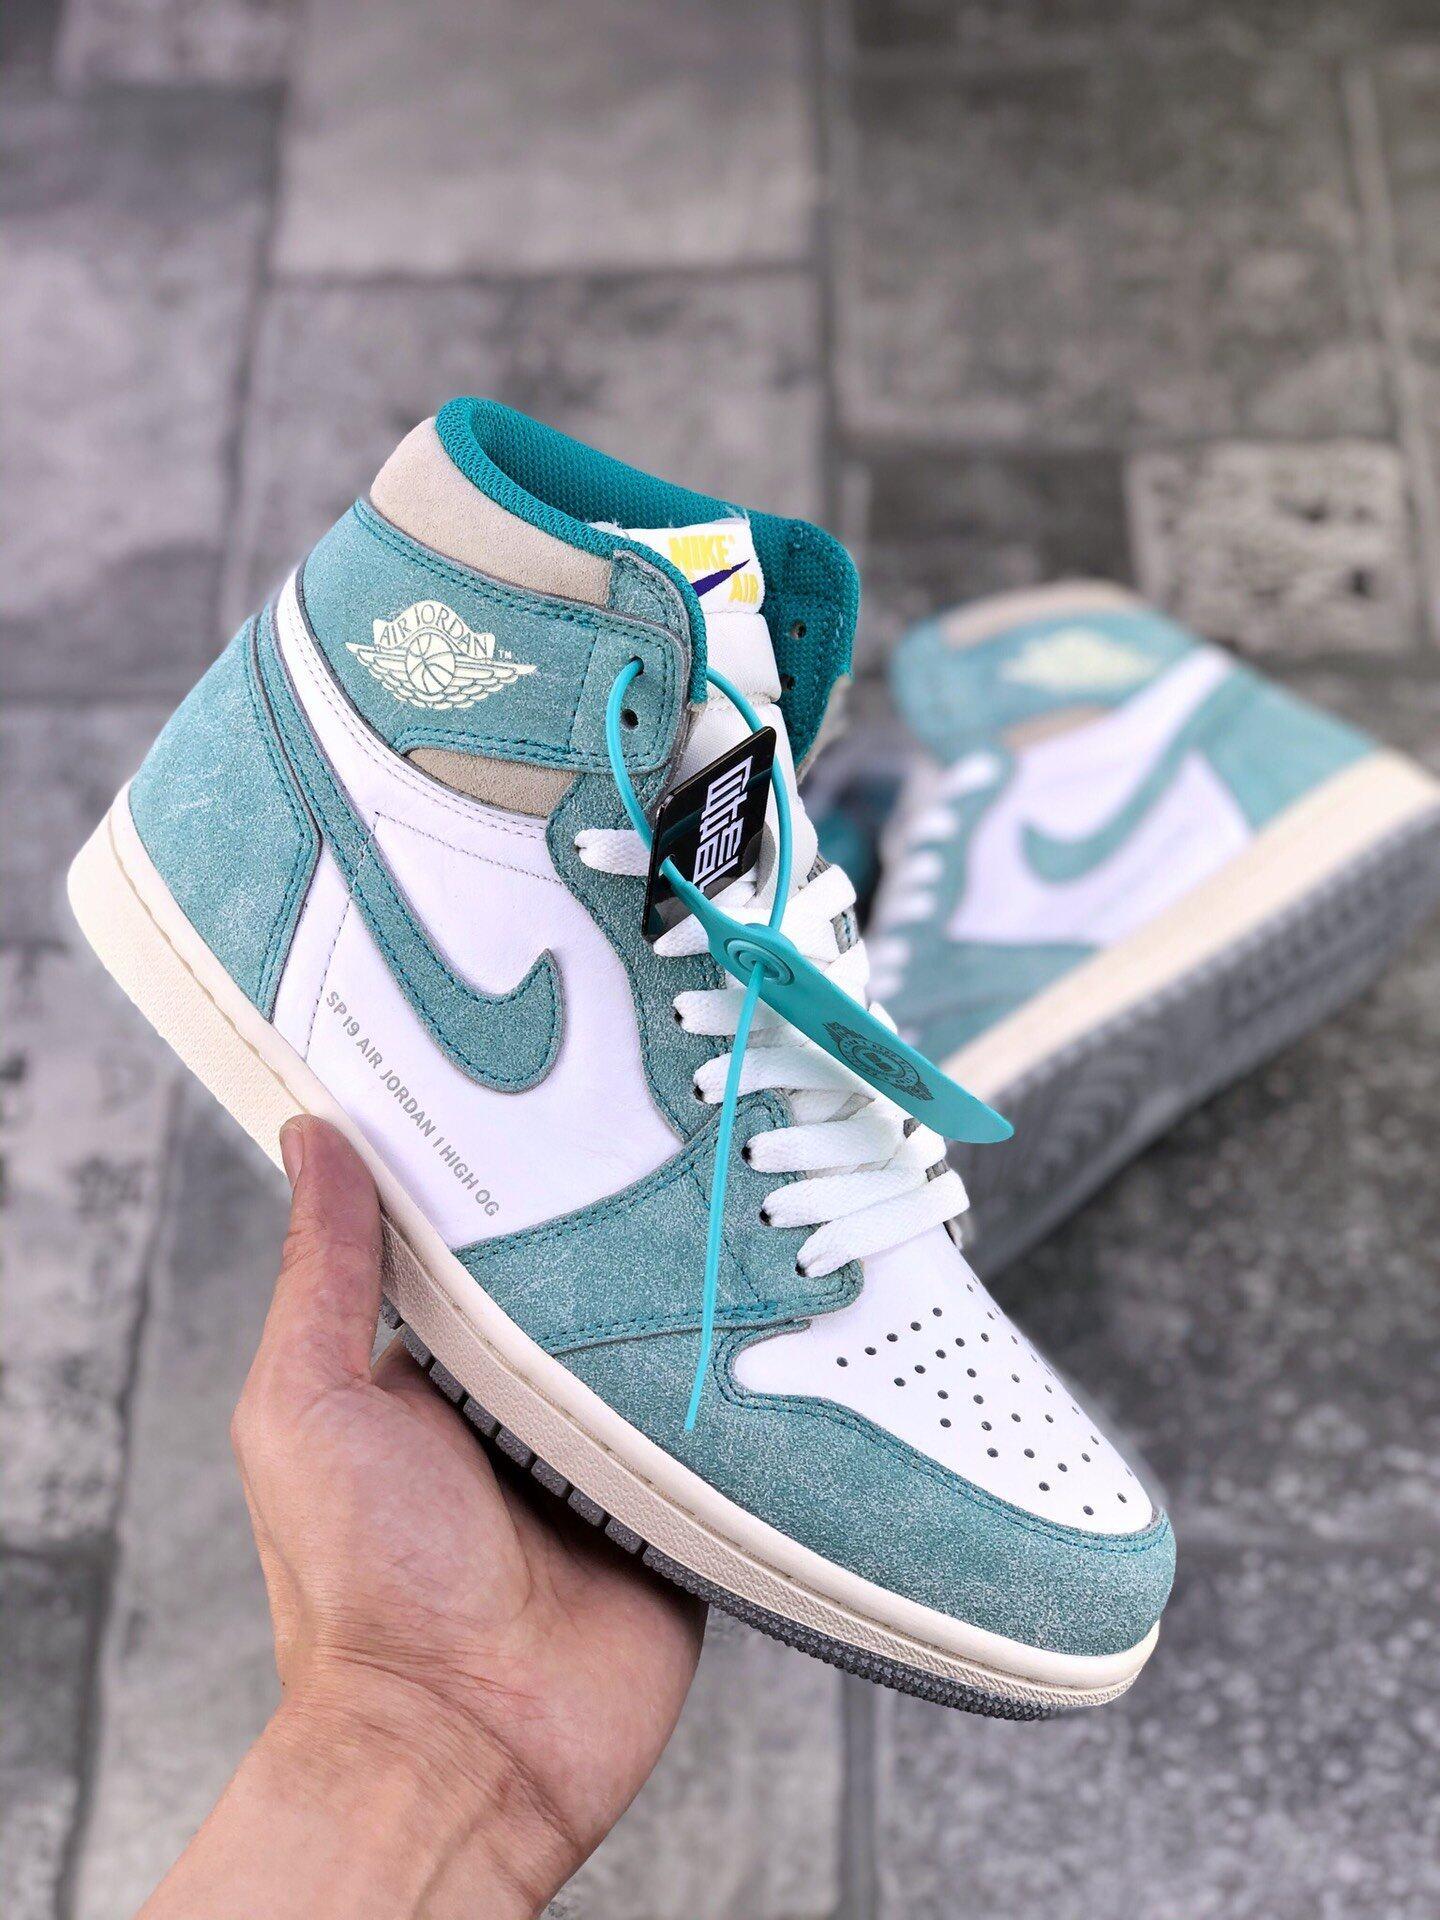 959Air Jordan 1 AJ1 男女高帮休闲篮球鞋 莆田鞋